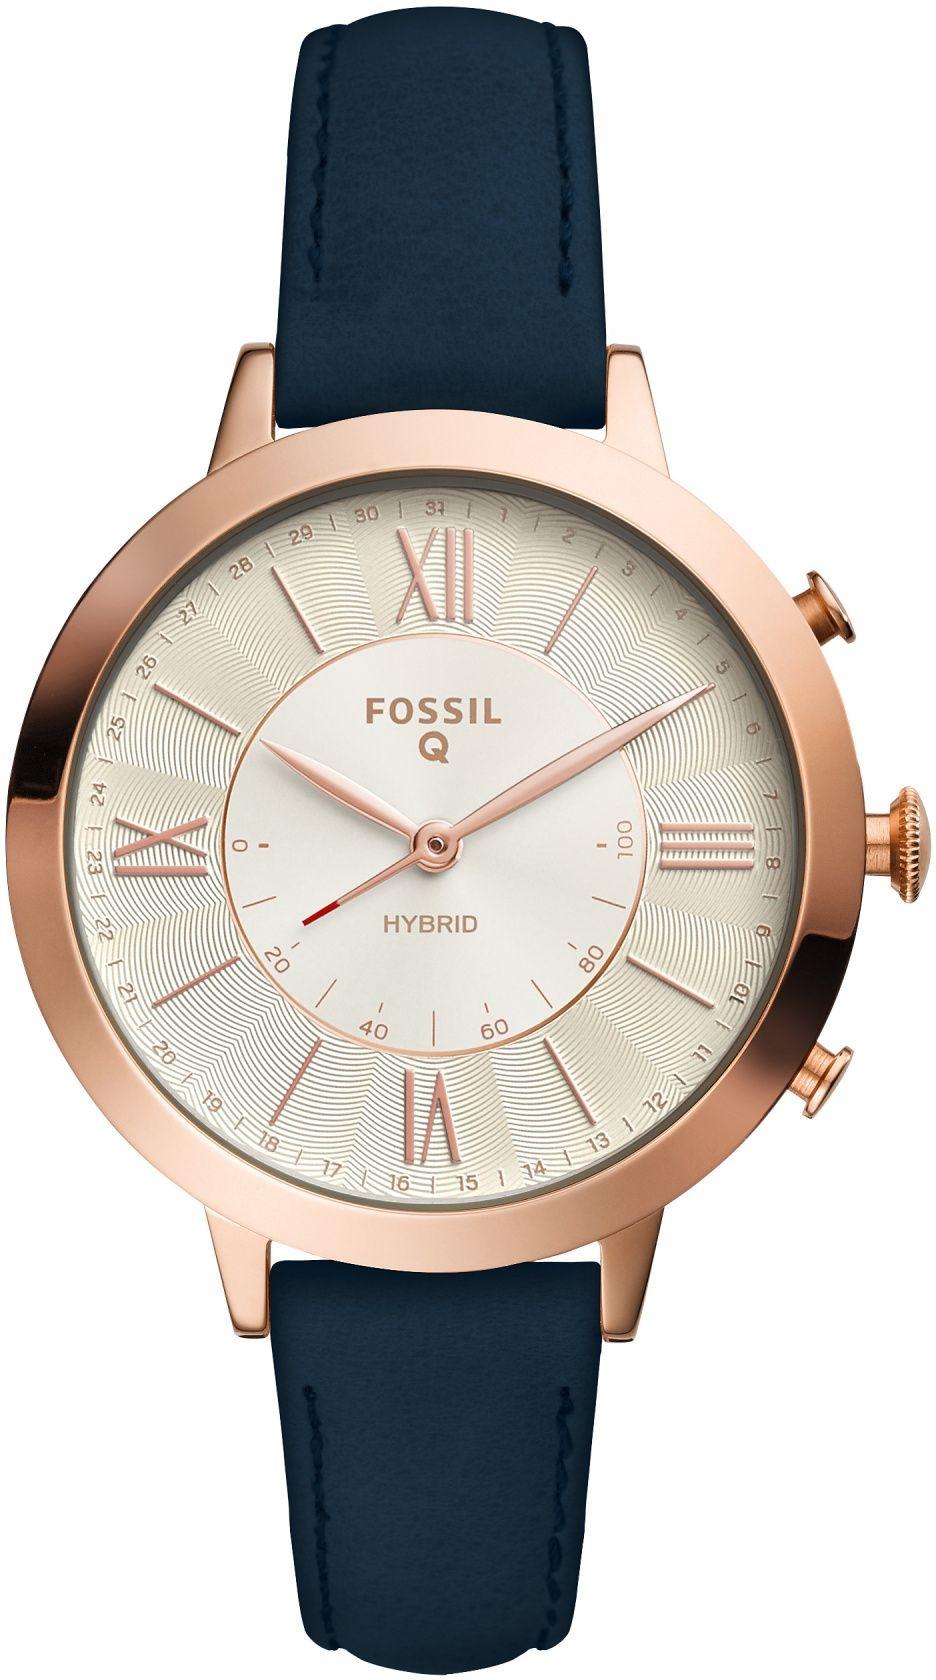 Fossil Q Jacqueline Hybrid Smartwatch Online Kaufen Christian Es3487 Original